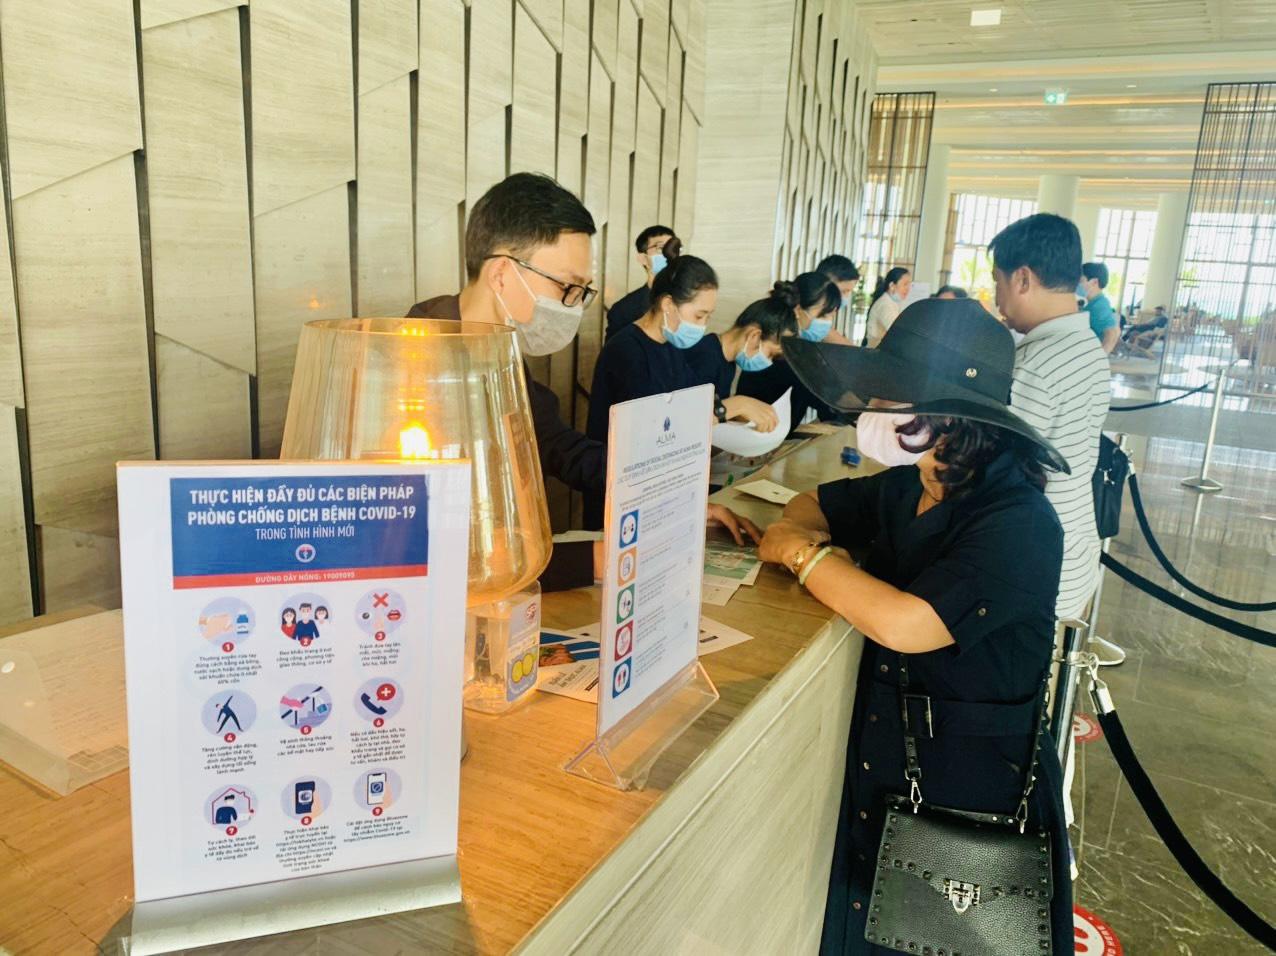 Khánh Hòa: Sẽ xử lý các cơ sở lưu trú không triển khai đăng ký an toàn Covid-19